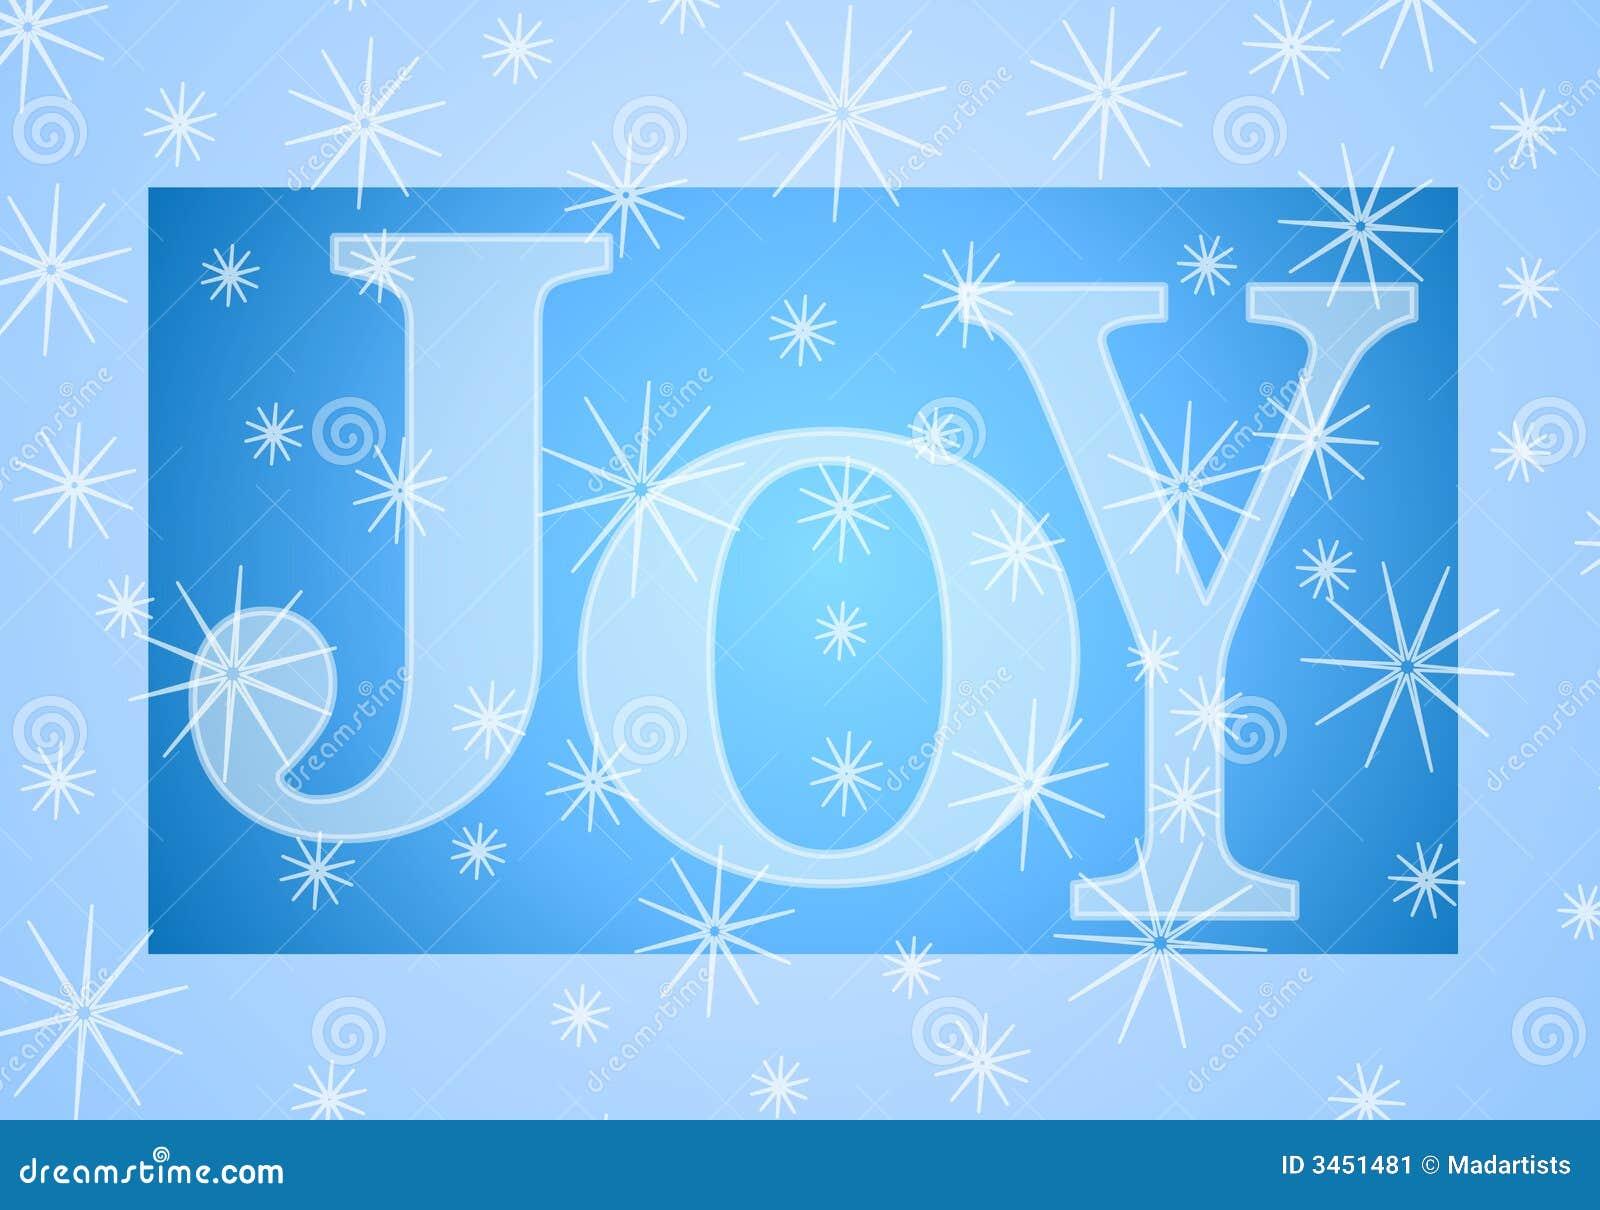 Christmas Joy Banner In Blue Stock Illustration Illustration Of